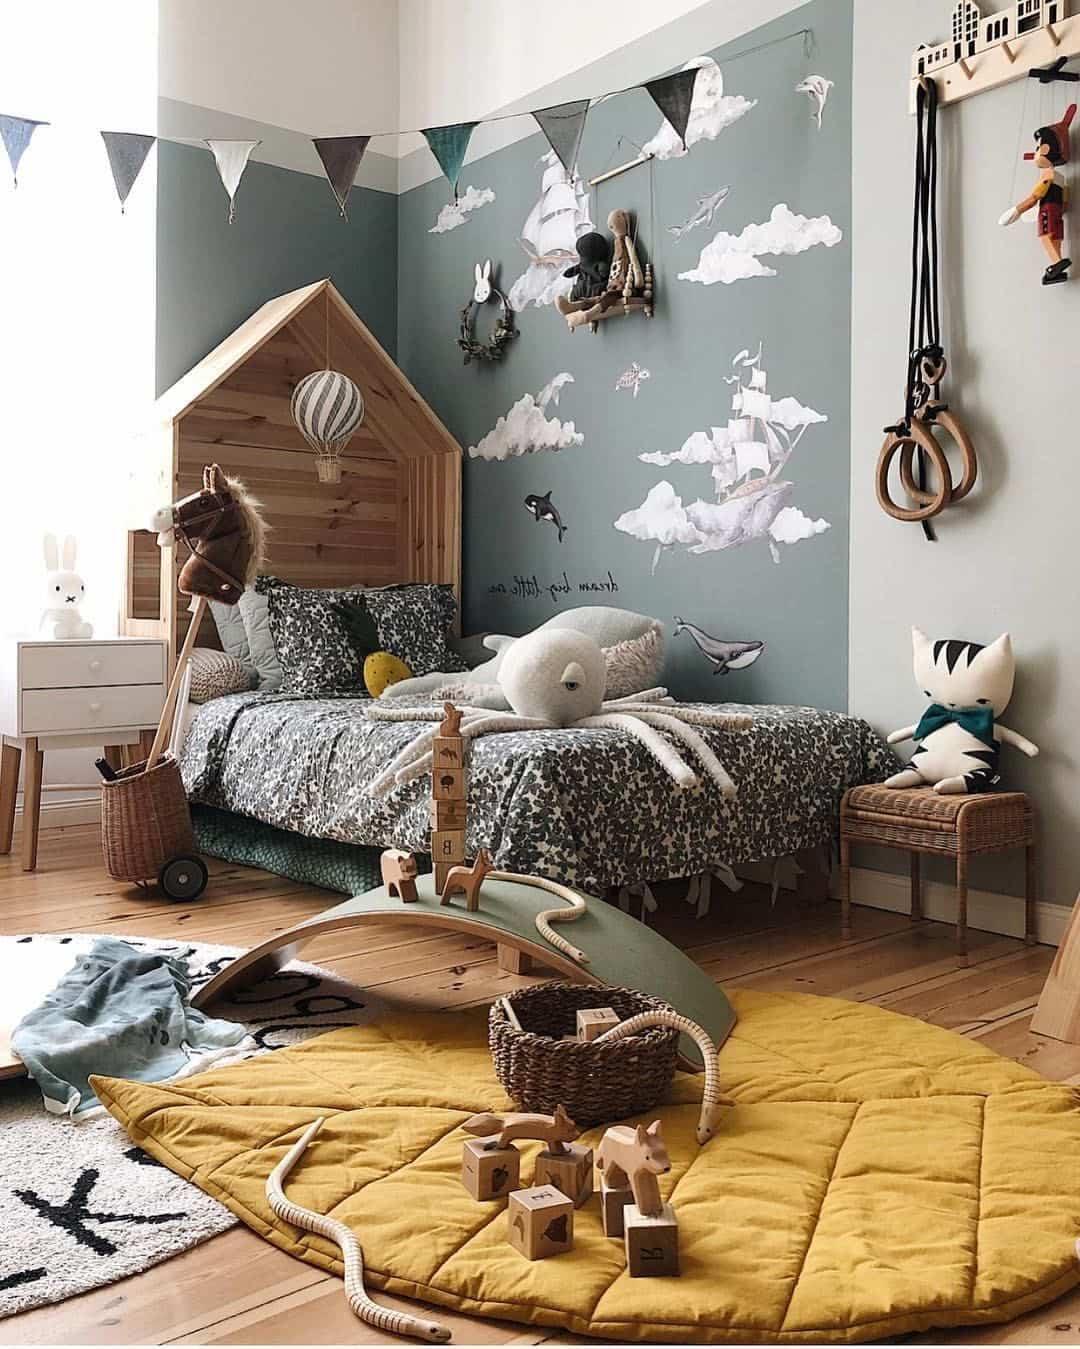 Мягкий ковер - обязательная деталь в интерьере комнаты малыша